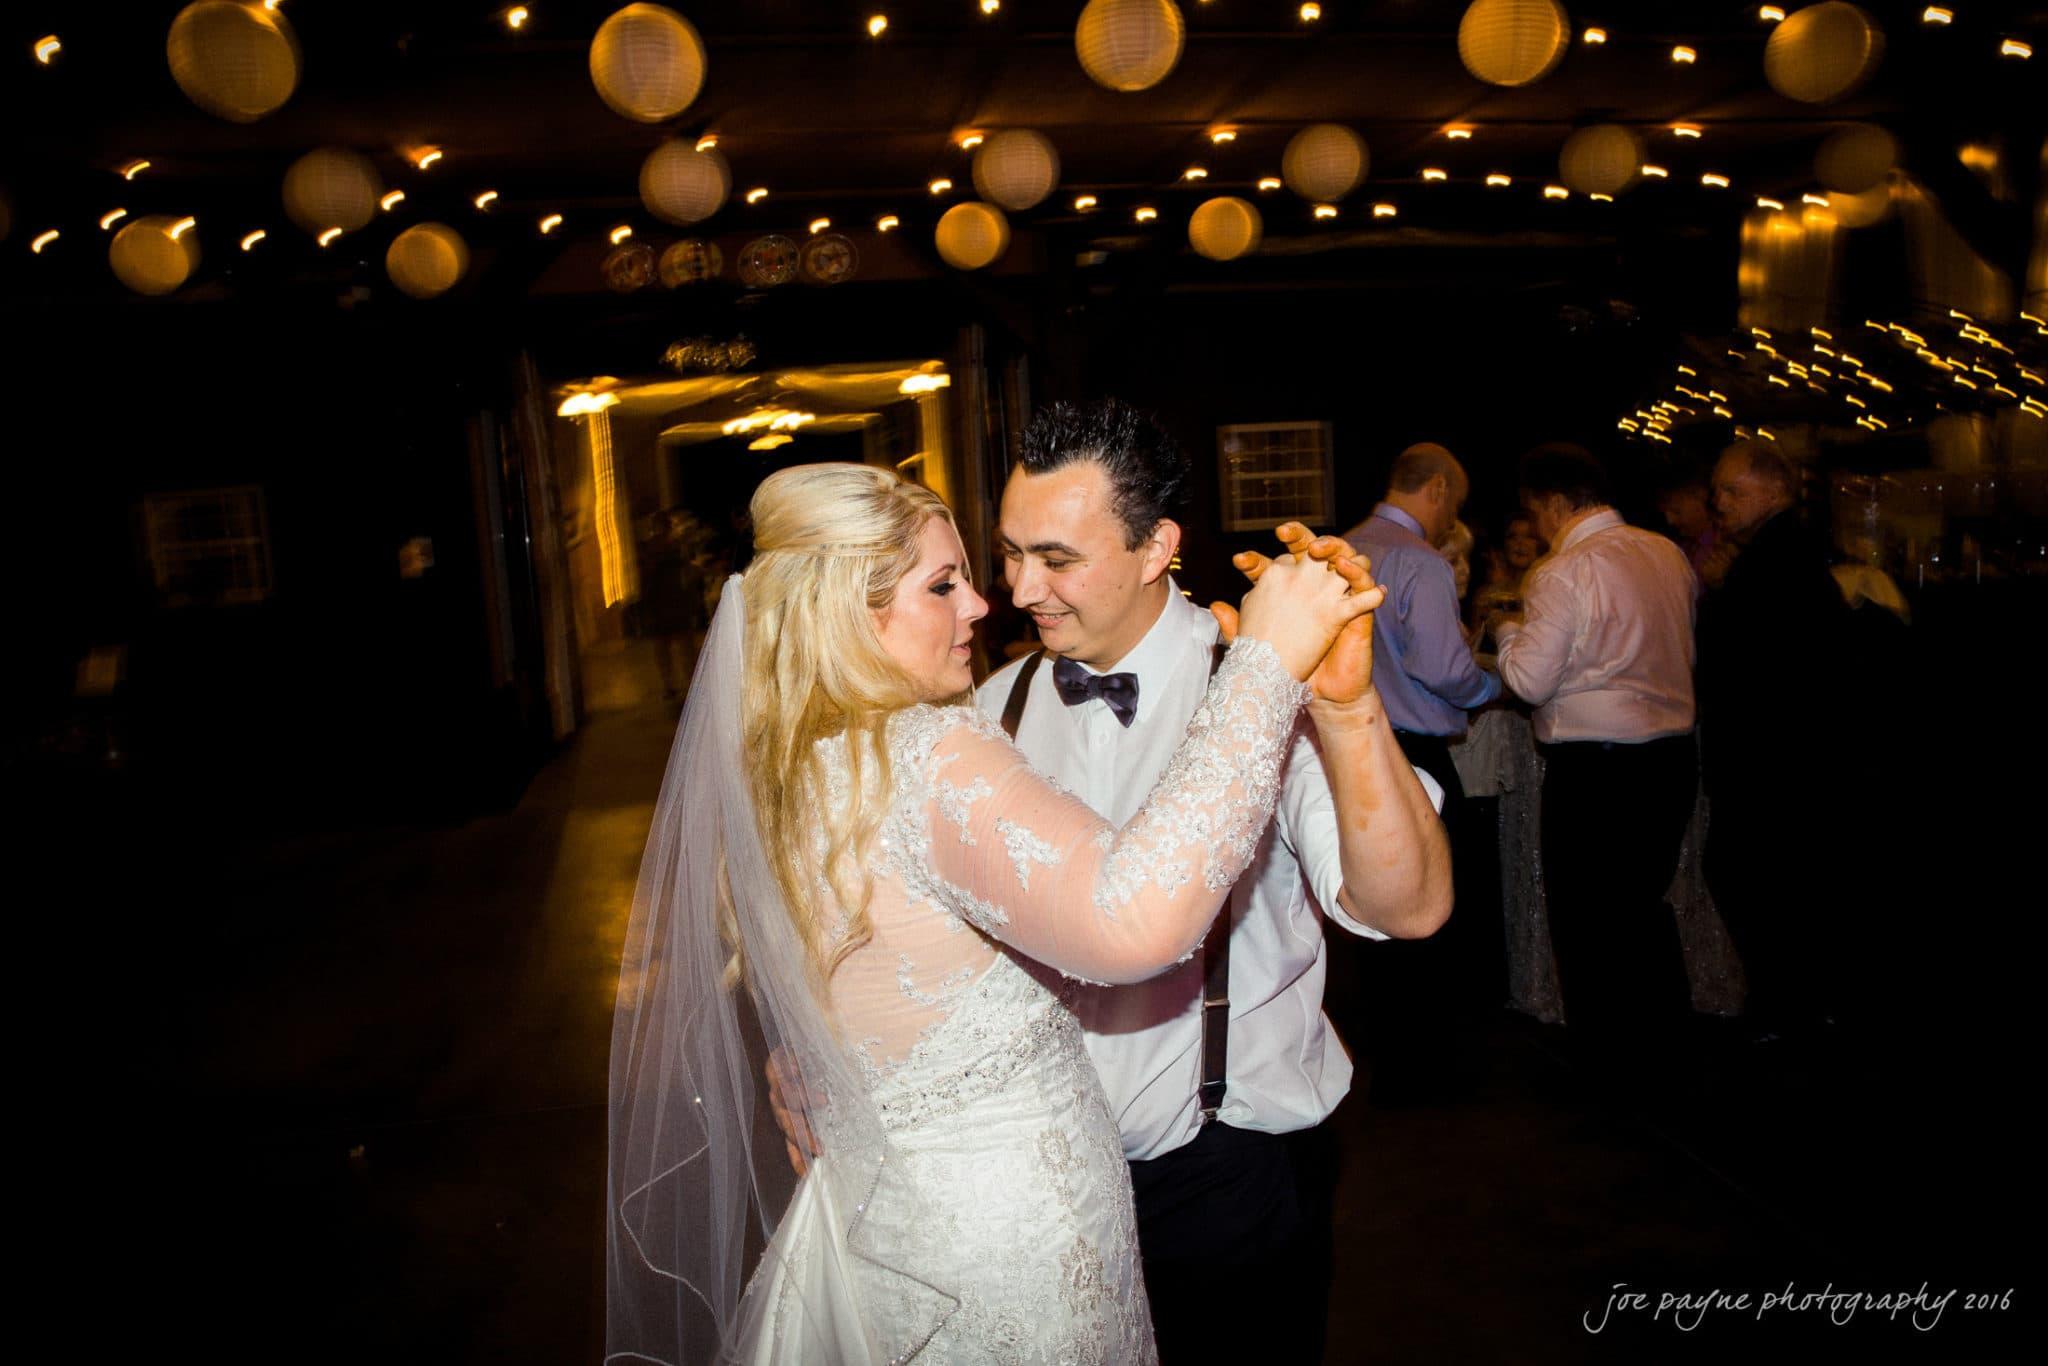 shady-wagon-farm-wedding-photography-danielle-josh-51